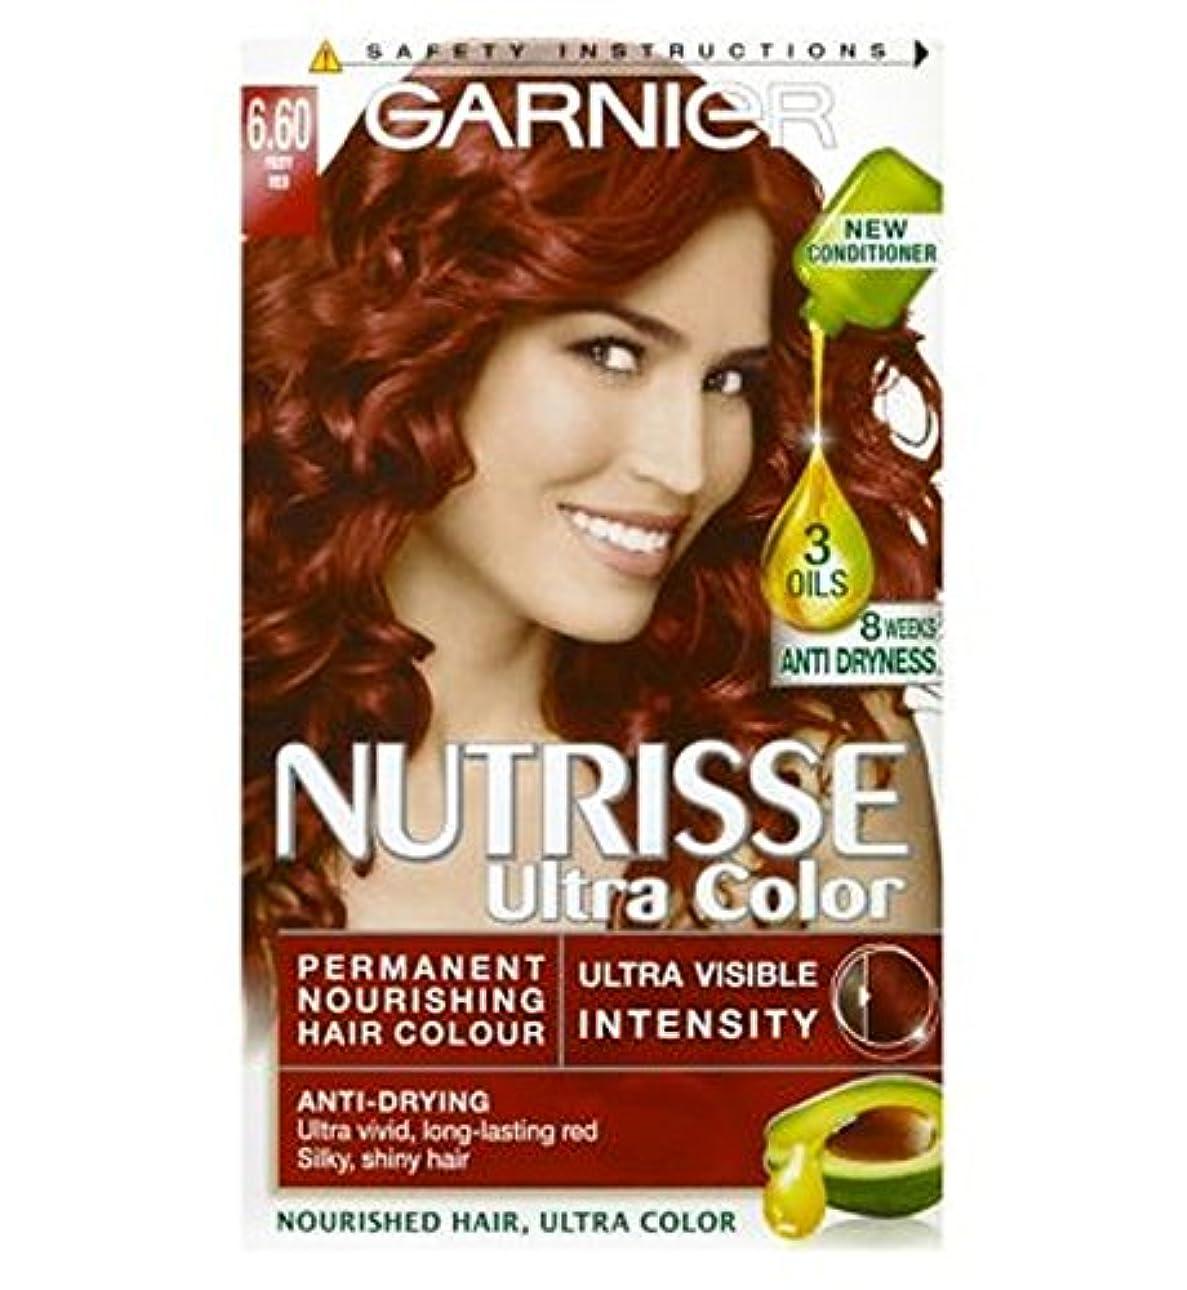 愚か良性知らせるGarnier Nutrisse Ultra Permanent Colour 6.60 Fiery Red - ガルニエNutrisse超永久色6.60燃えるような赤 (Garnier) [並行輸入品]